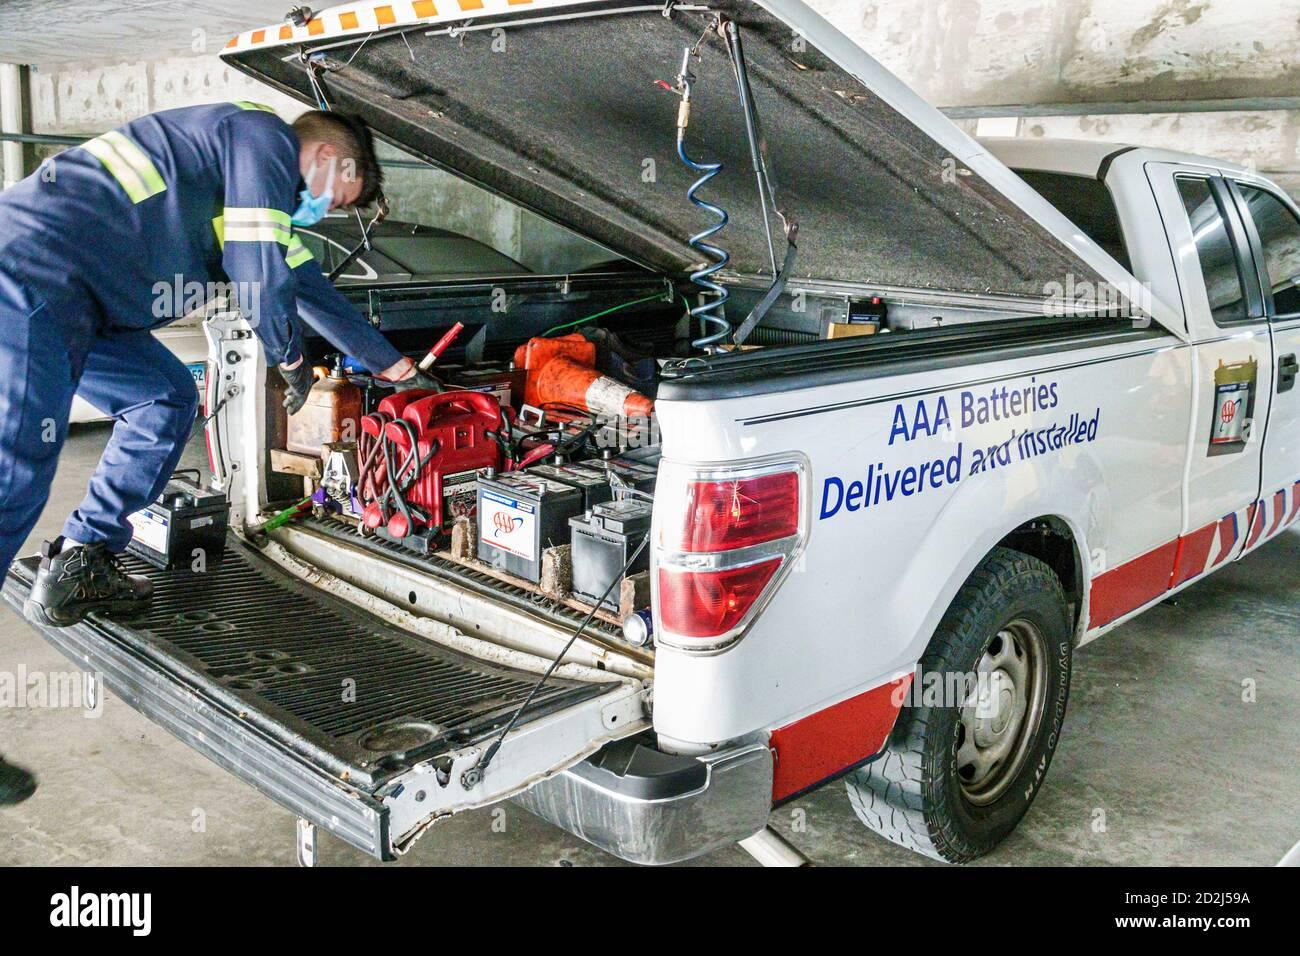 Florida Miami Beach AAA American automobile Association Services d'urgence en bord de route Assistance camion hispanique mâle Covid-19 coronavirus pandemi Banque D'Images